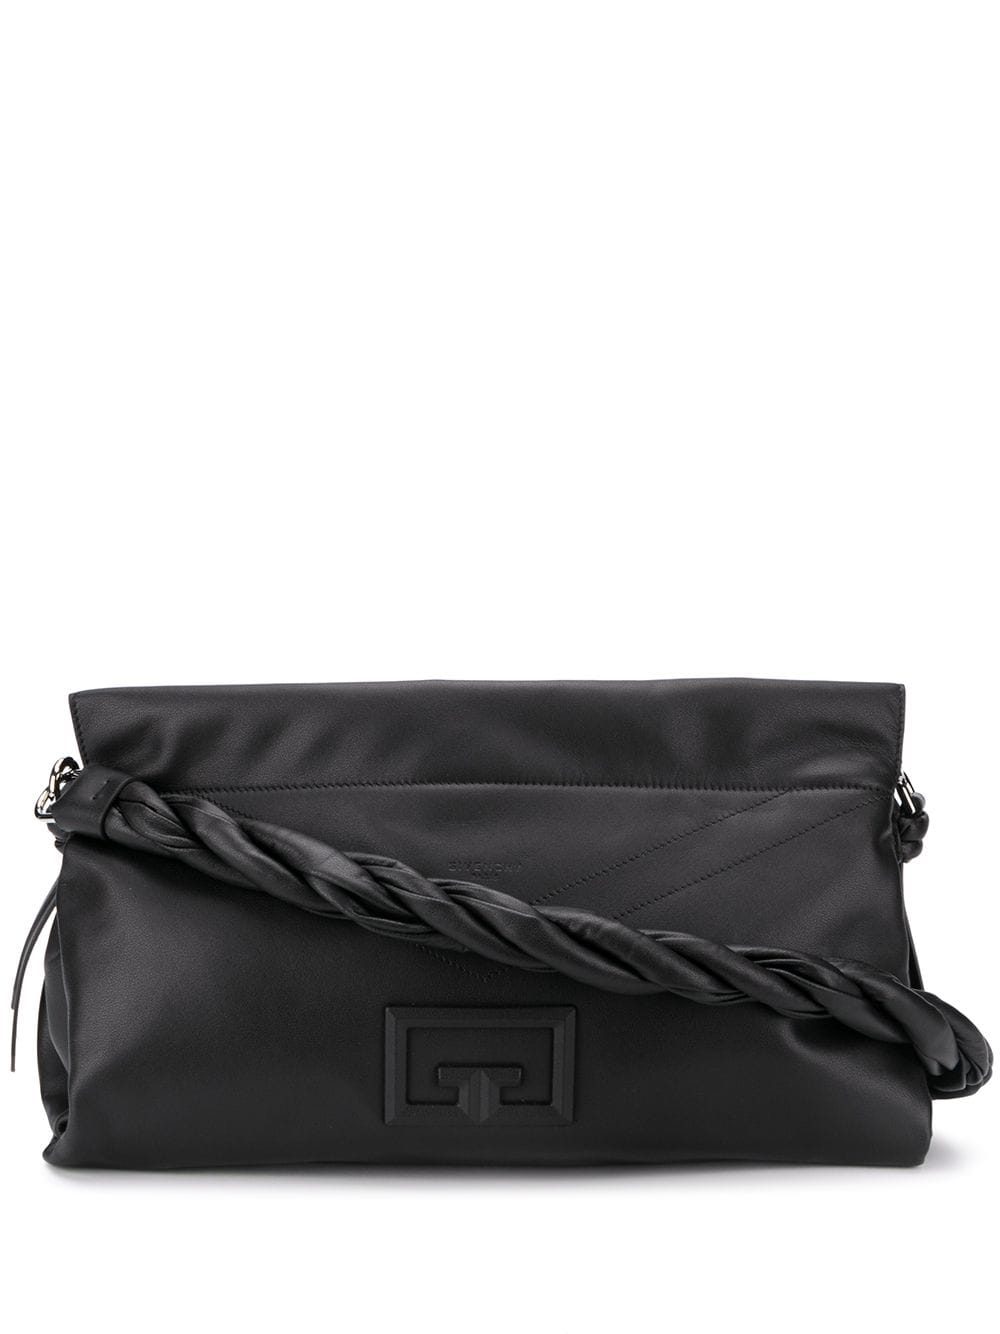 Id93 Large Leather Shoulder Bag